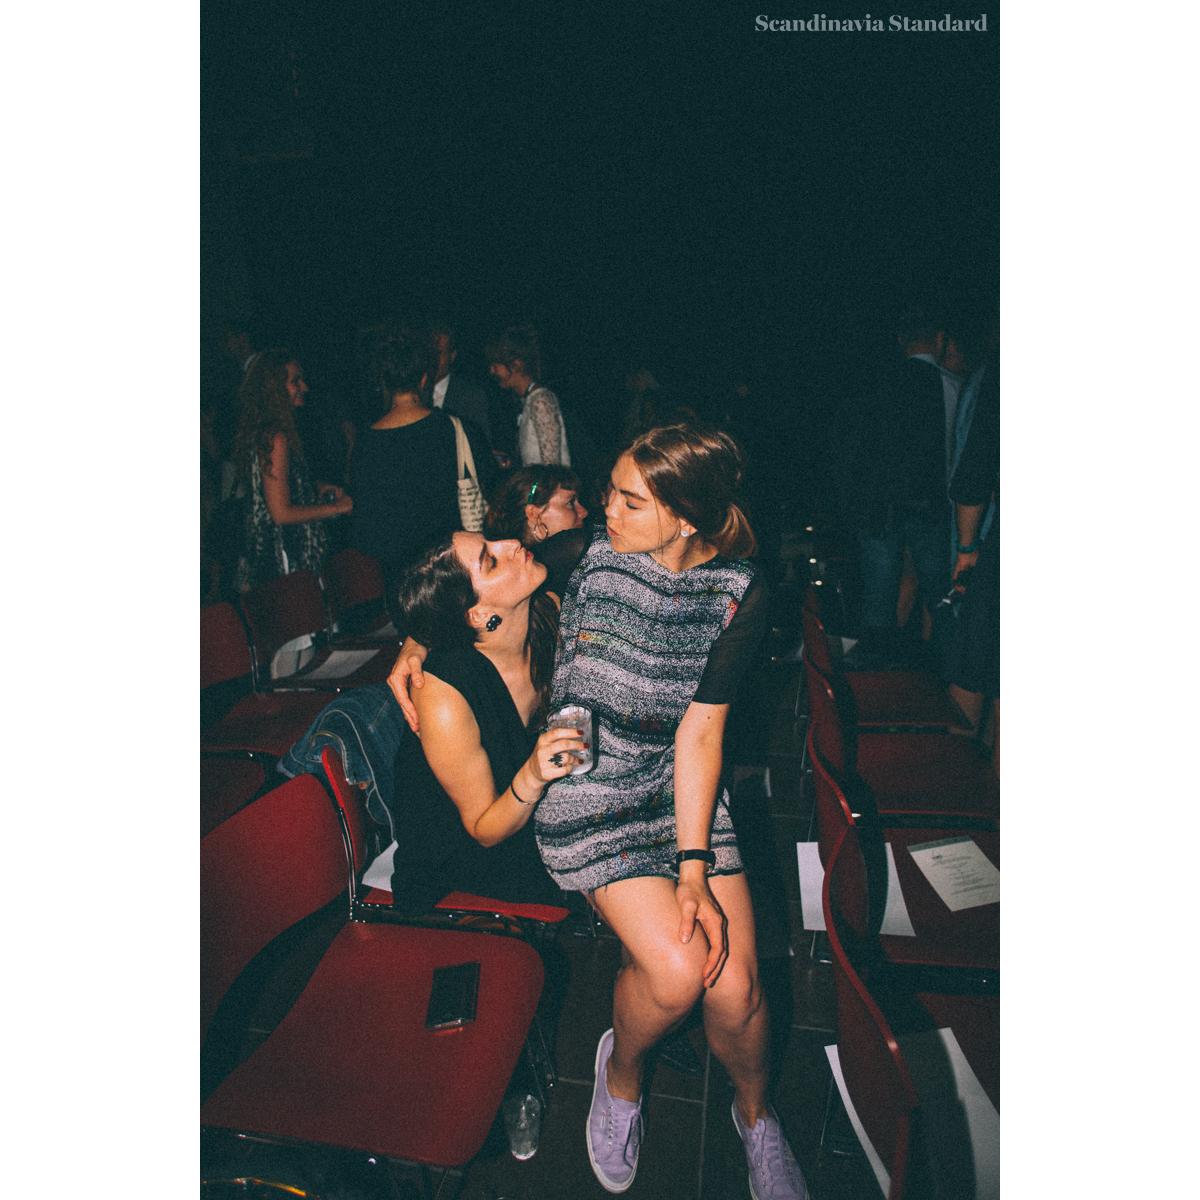 AIR KISS | Scandinavia Standard - Rebecca & Freya